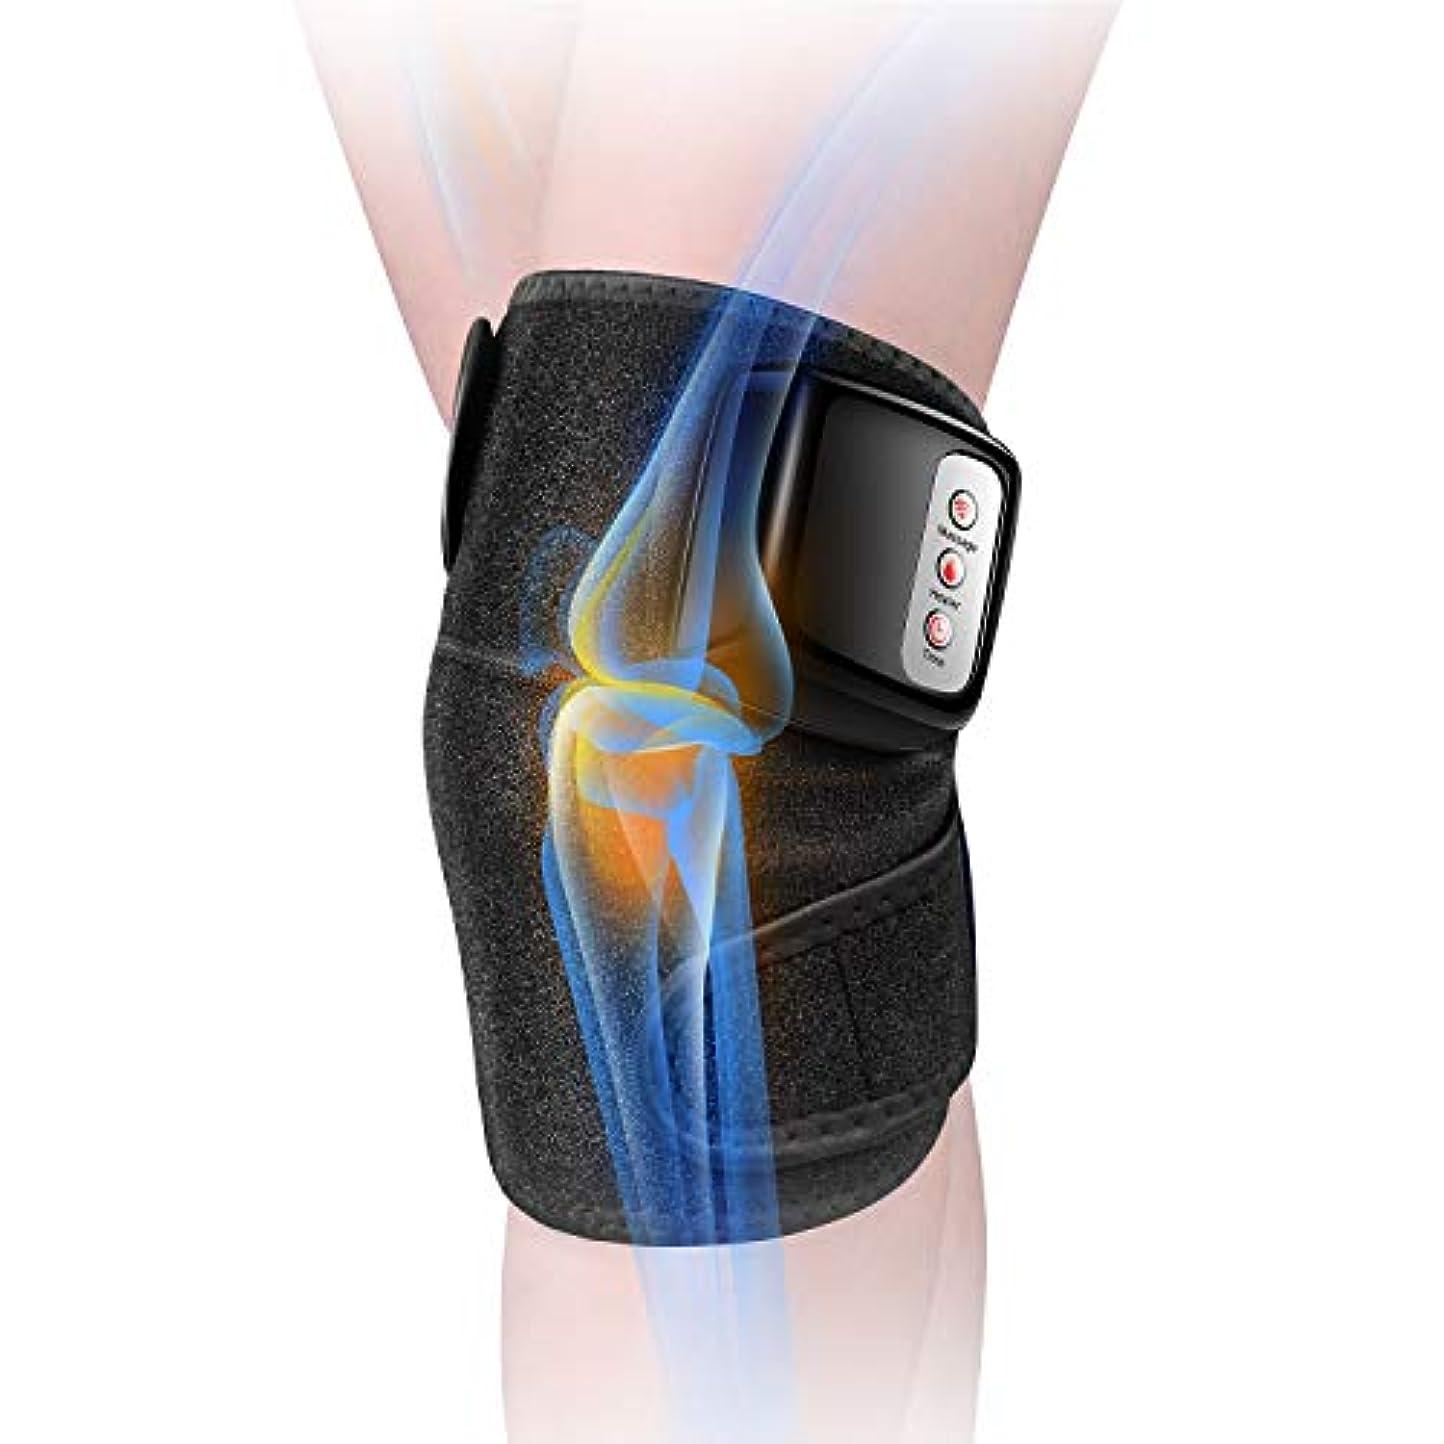 嘆願医薬品アニメーション膝マッサージャー 関節マッサージャー マッサージ器 フットマッサージャー 振動 赤外線療法 温熱療法 膝サポーター ストレス解消 肩 太もも/腕対応